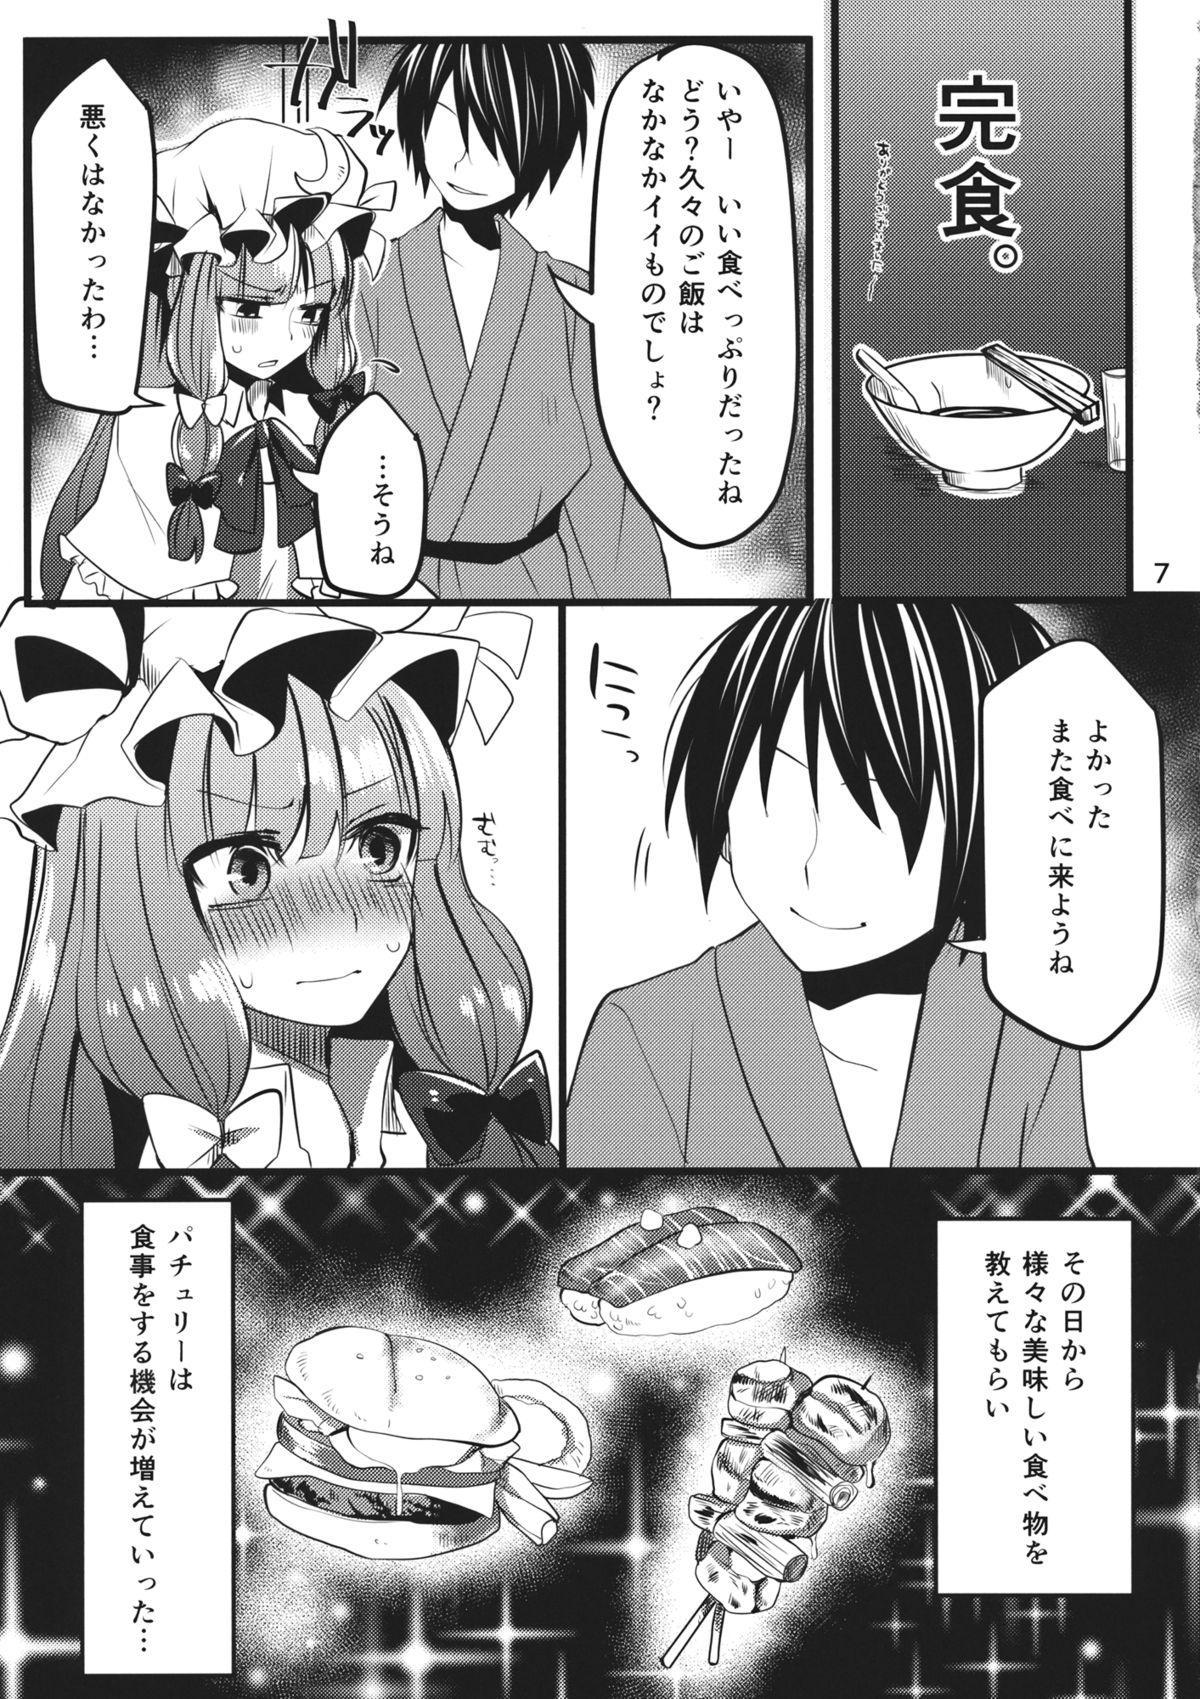 Ippai Taberu Kimi ga Suki 5